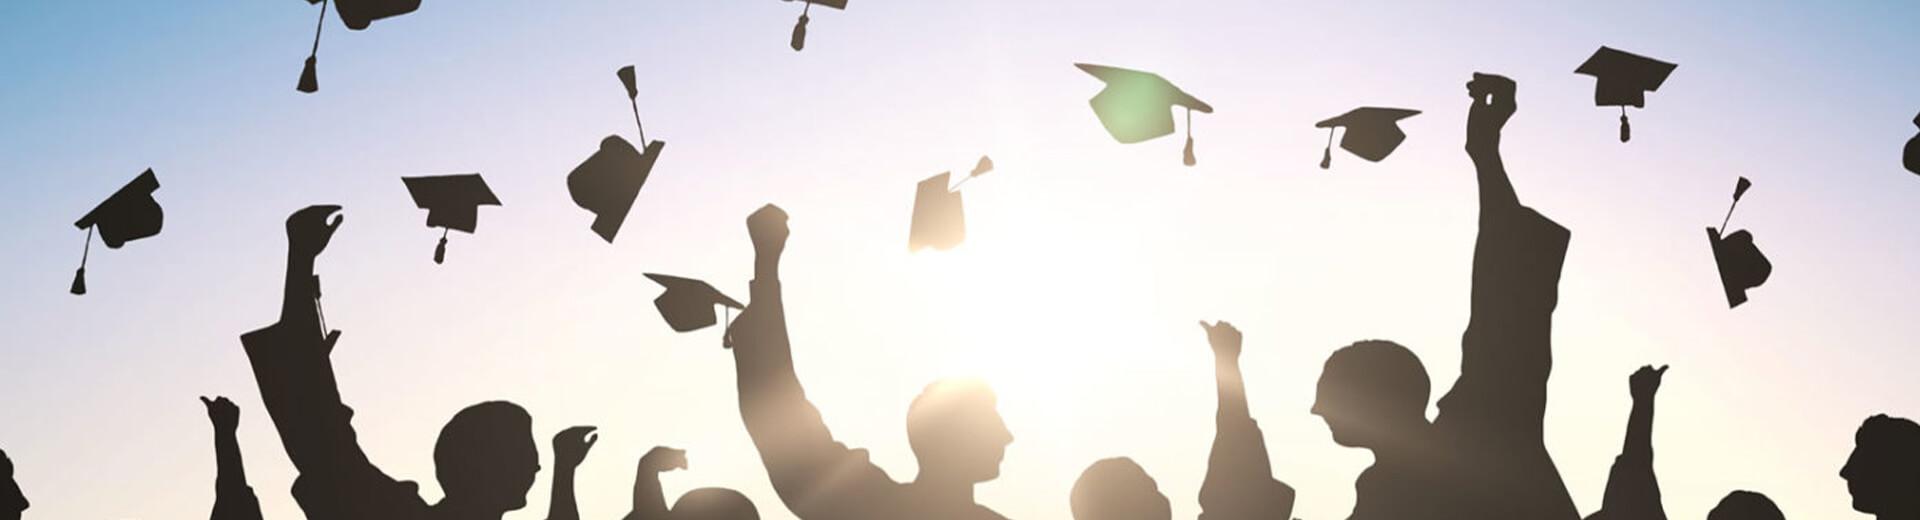 PacTec Team Member Earns MBA